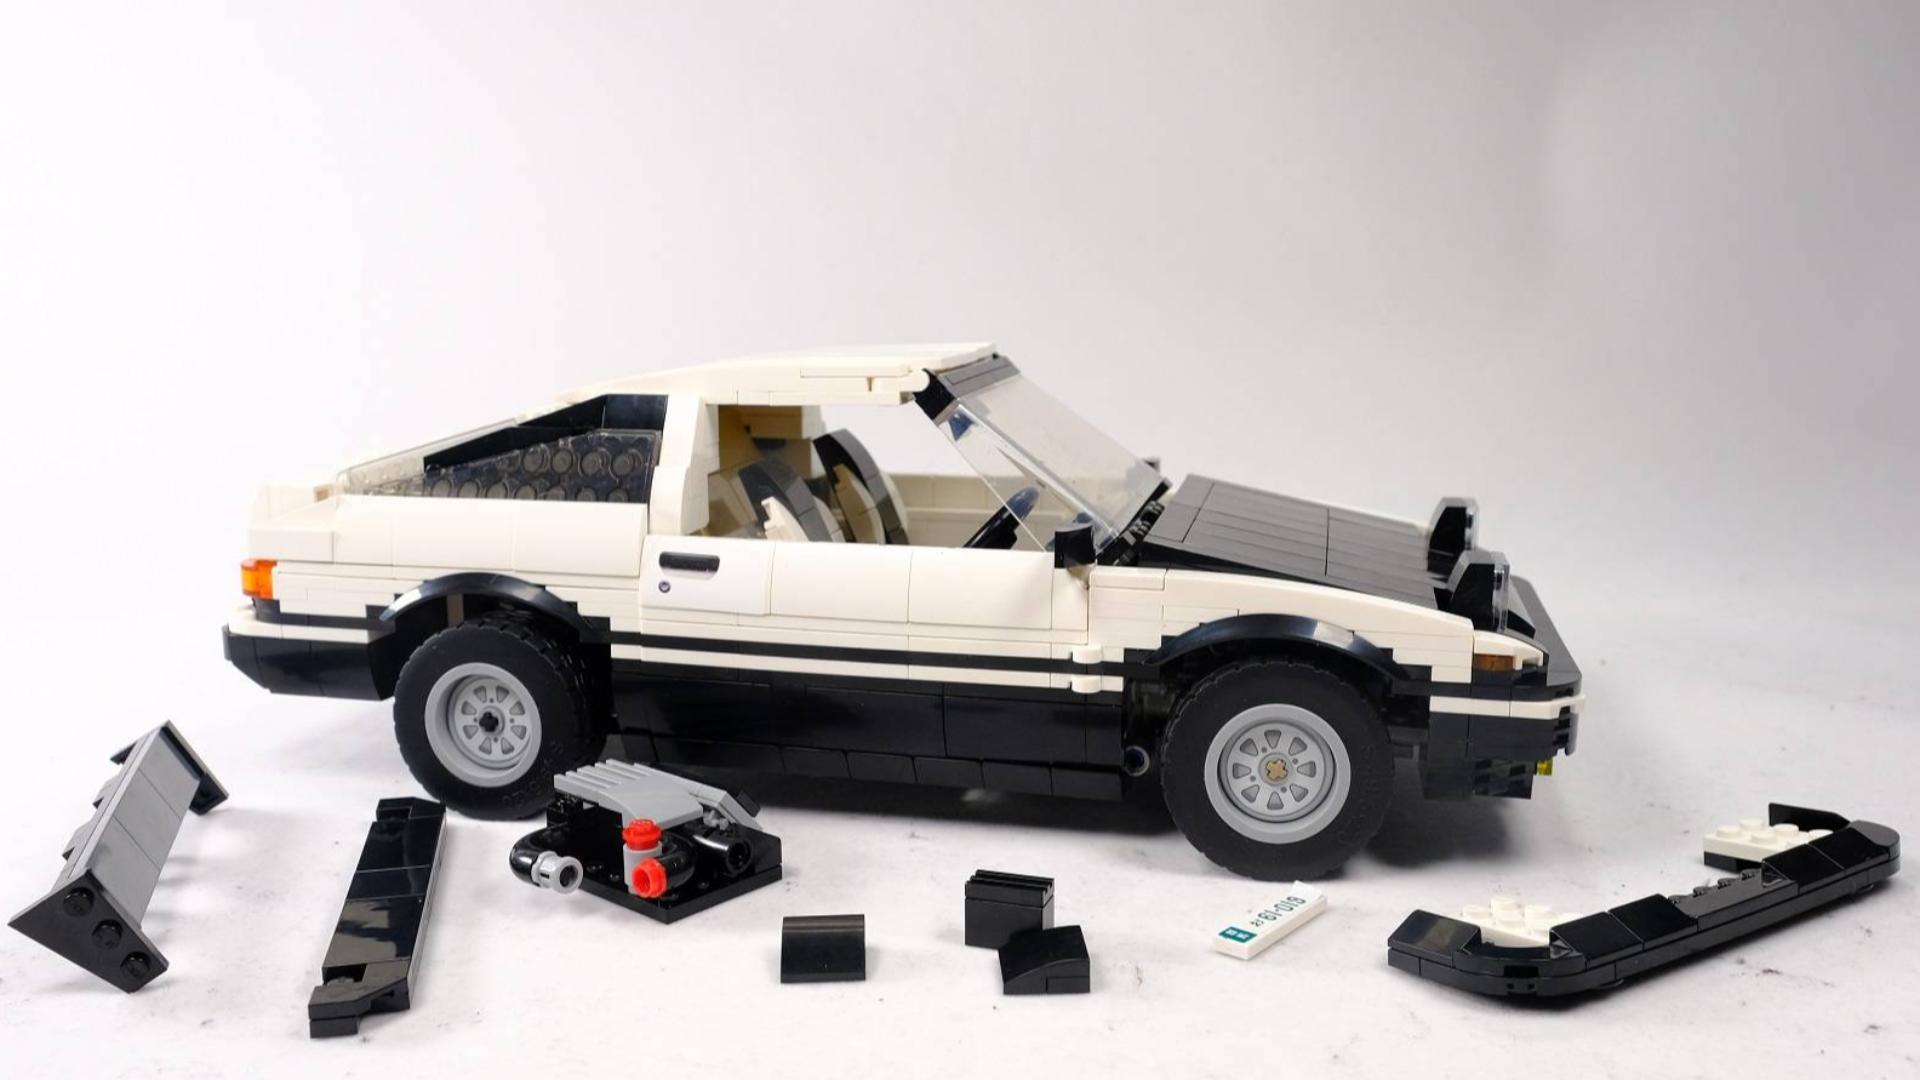 用积木还原飘移神车AE86:双鹰咔嗒积木C61019飘移赛车评测